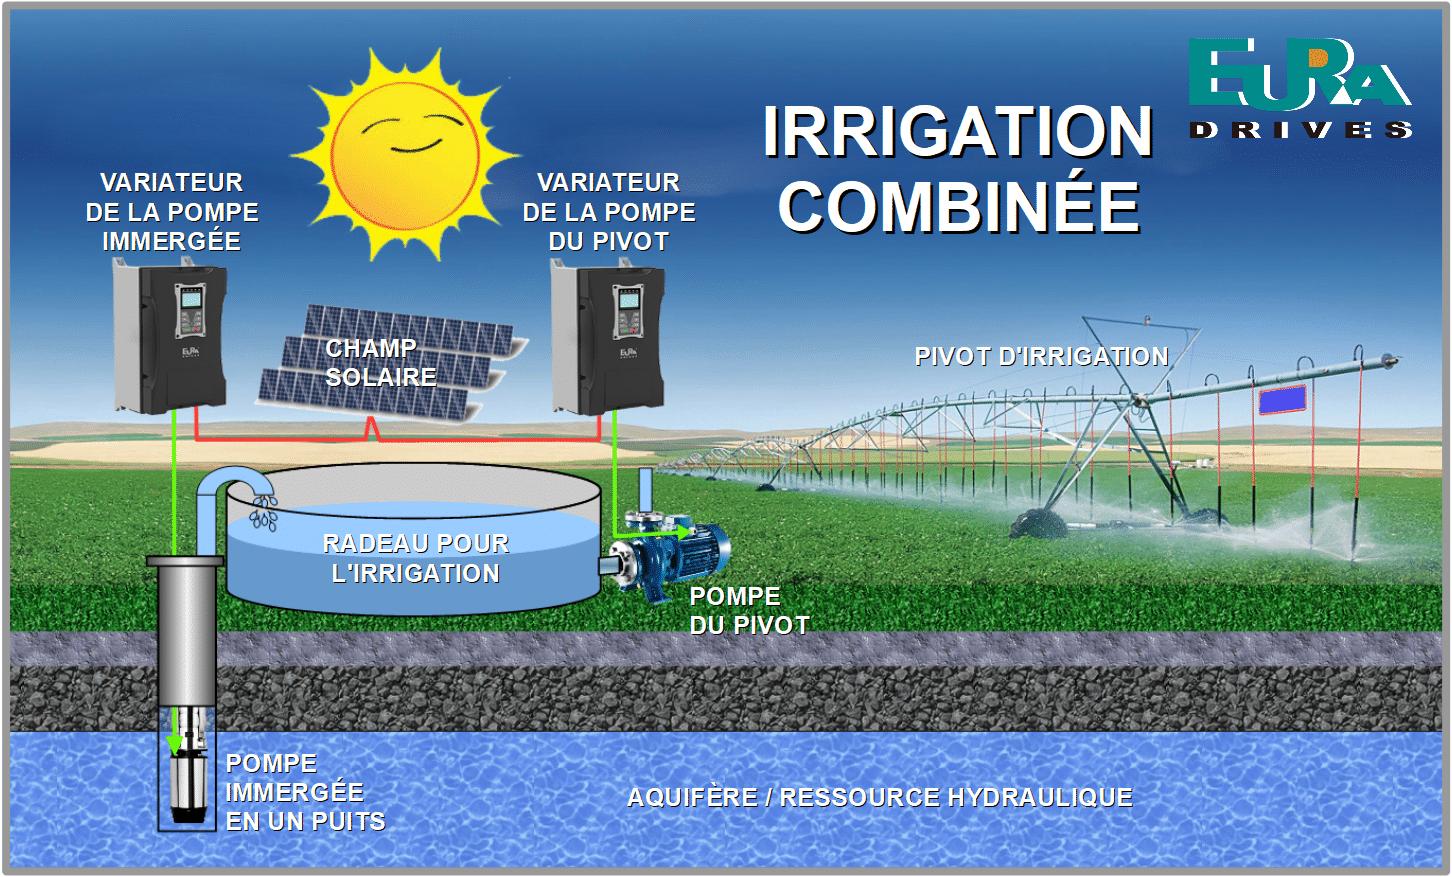 Image d'une irrigation combinée